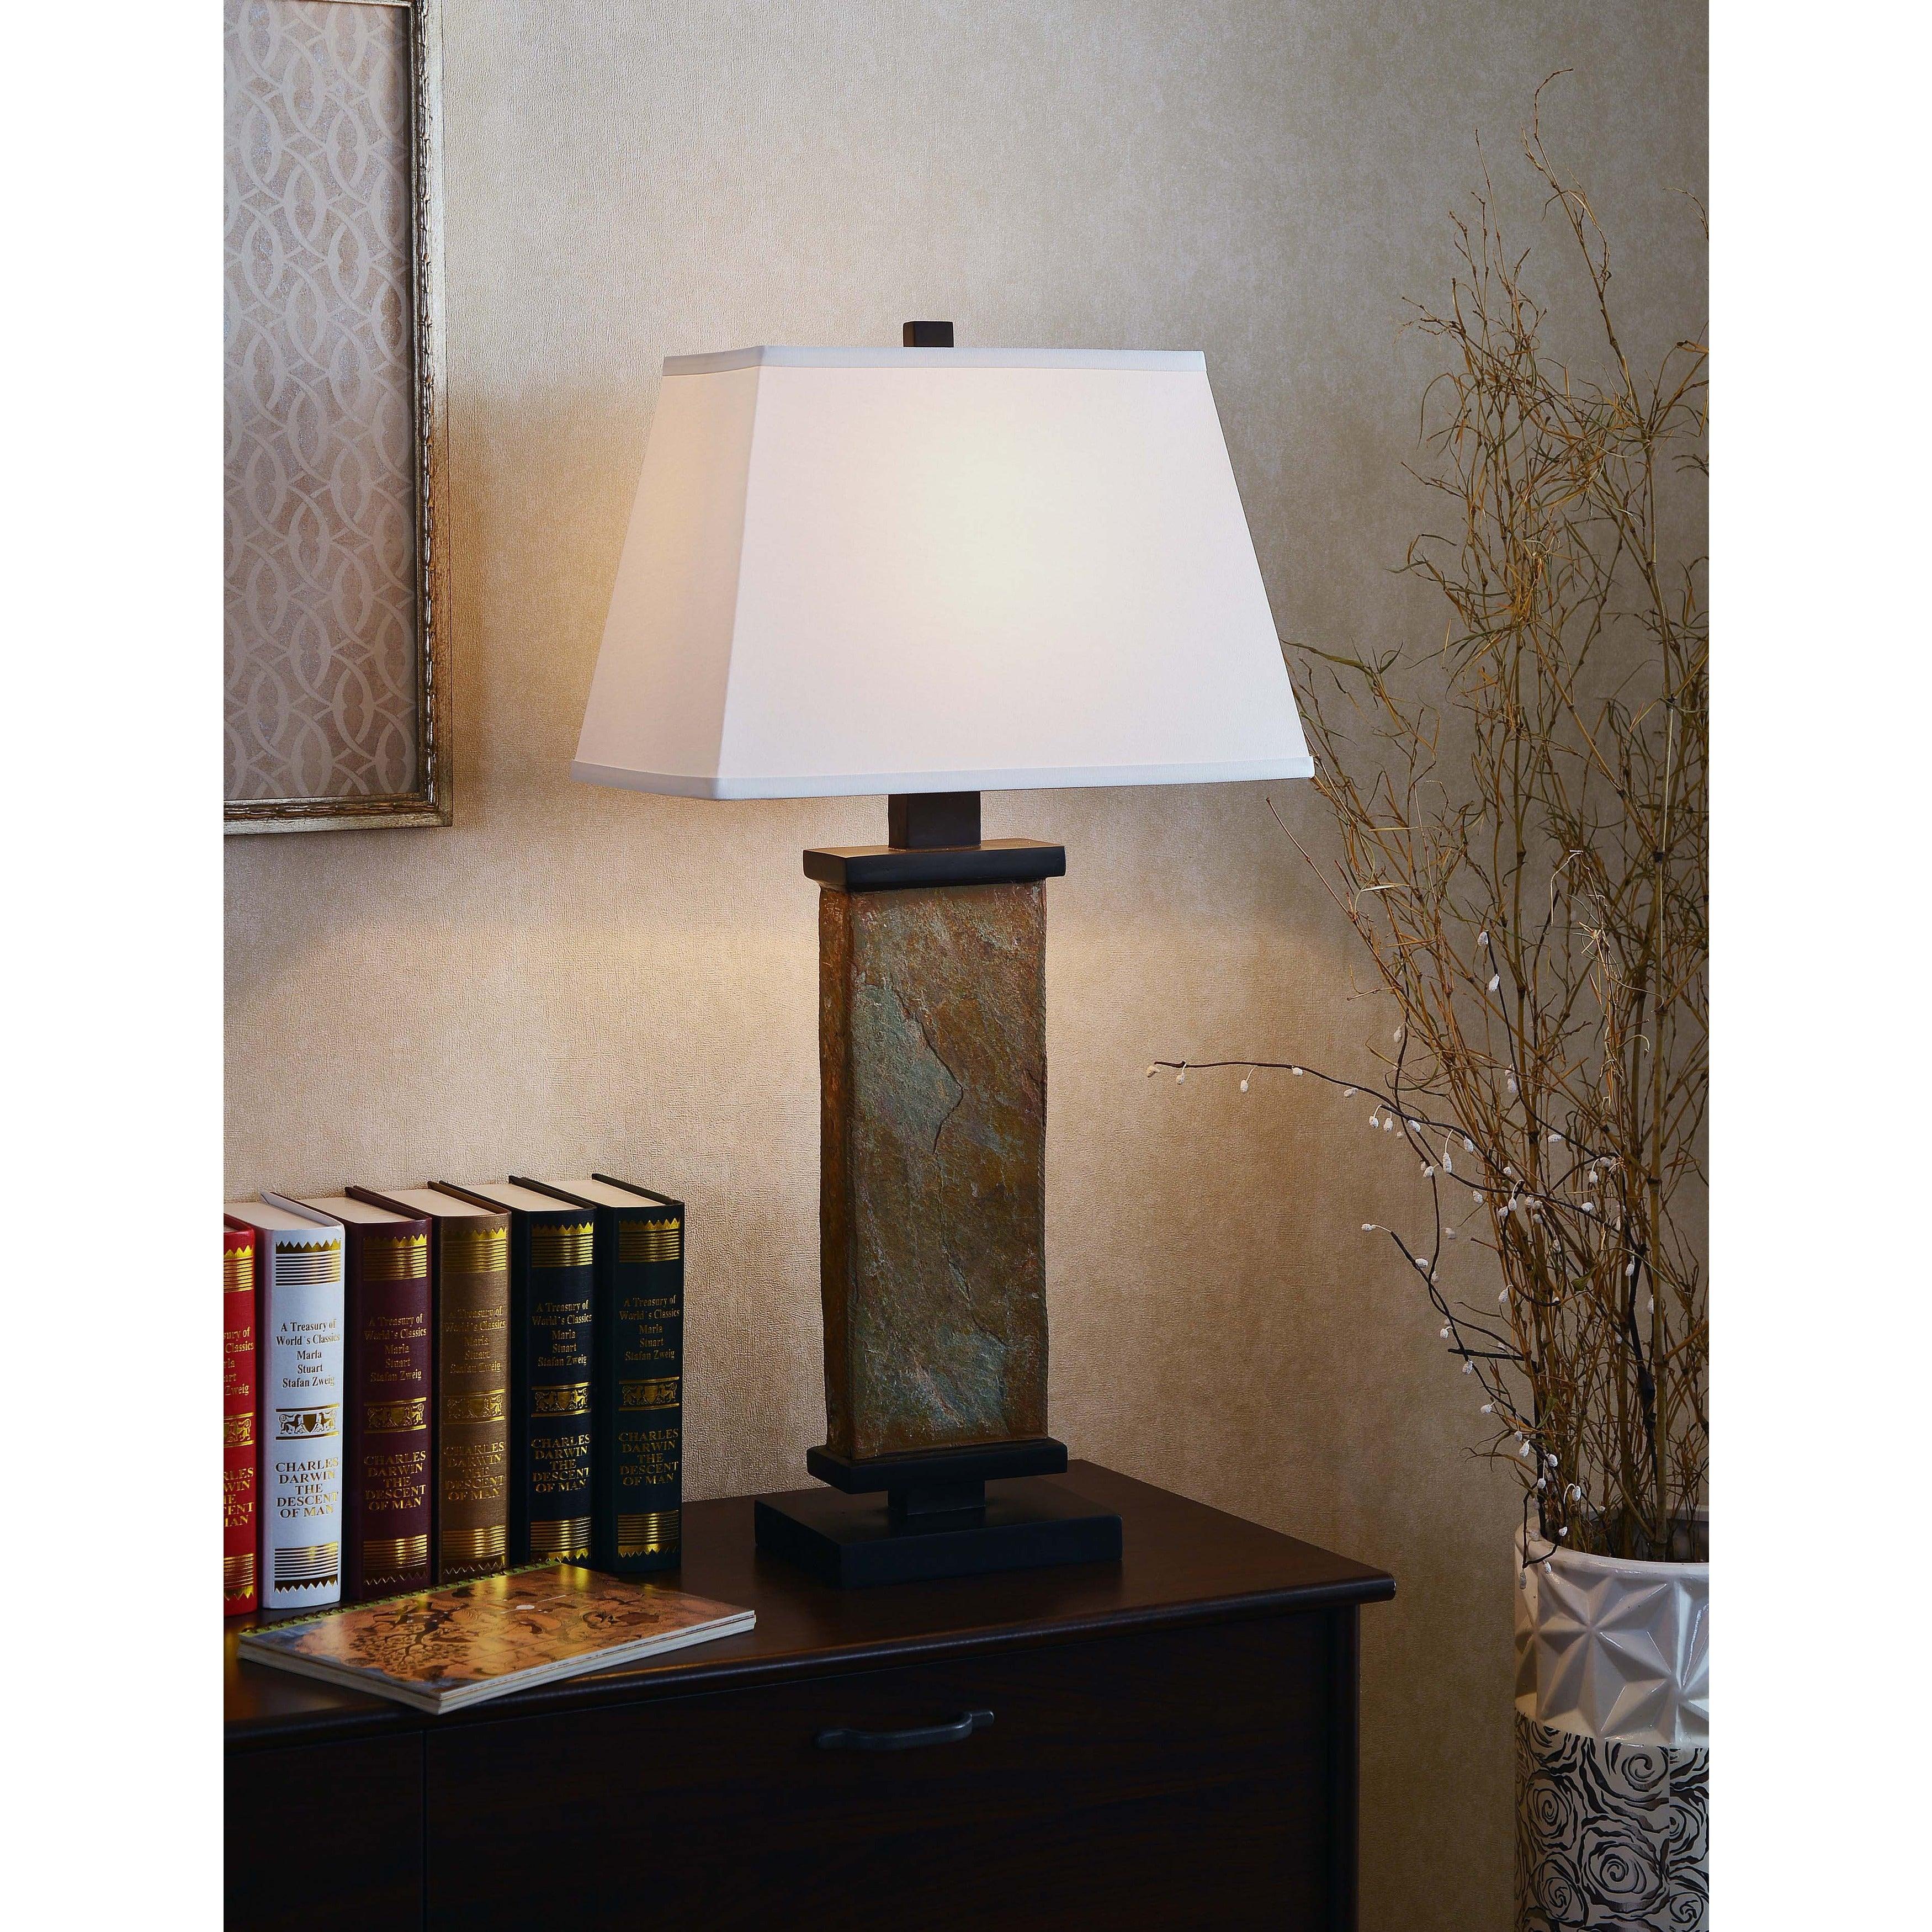 Logan 29-inch Natural Slate Table Lamp